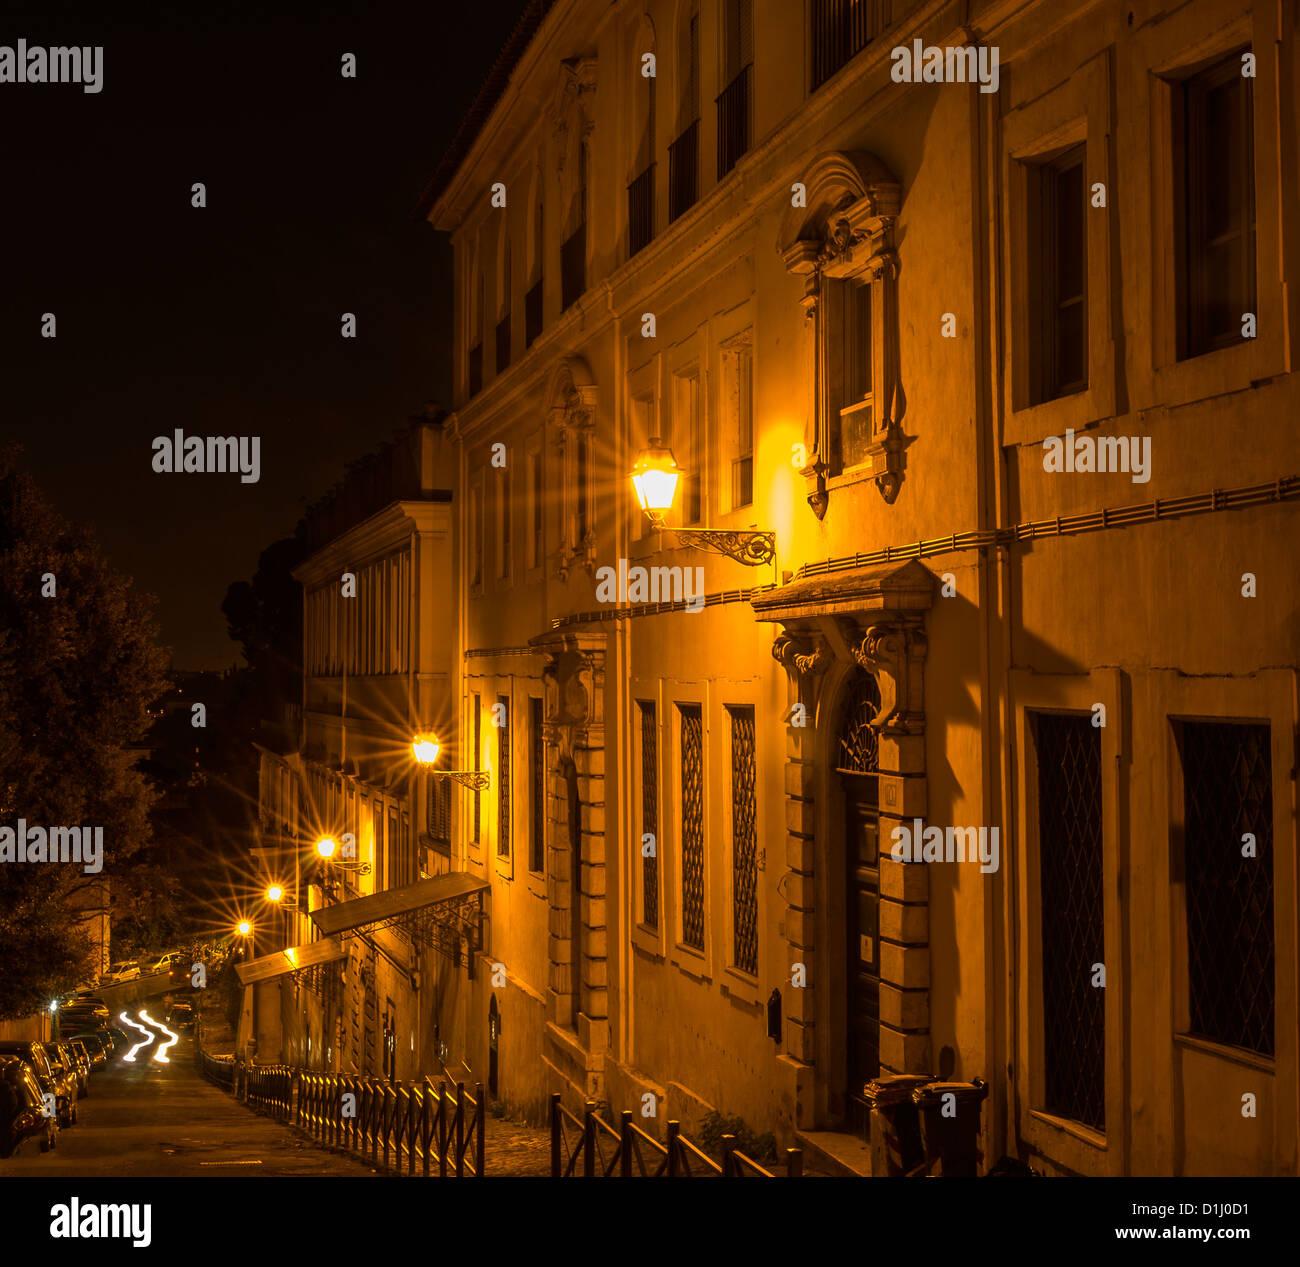 Illuminazione Neon Per Ufficio.Piu Luci Al Neon Con Illuminazione Starbursts Una Strada E Edifici